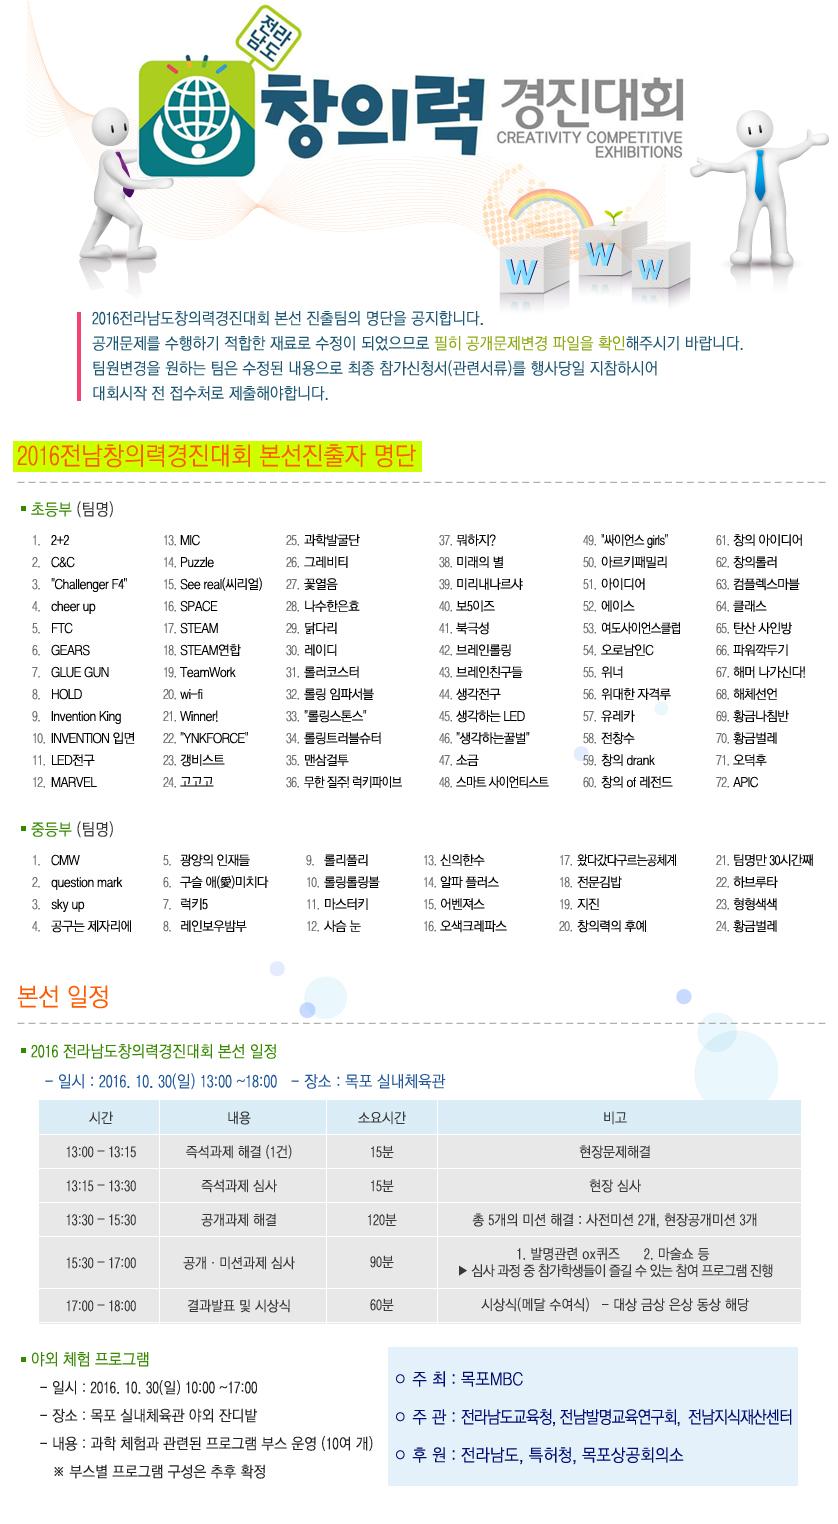 2016전남창의력경진대회 본선진출자 명단 행사정보